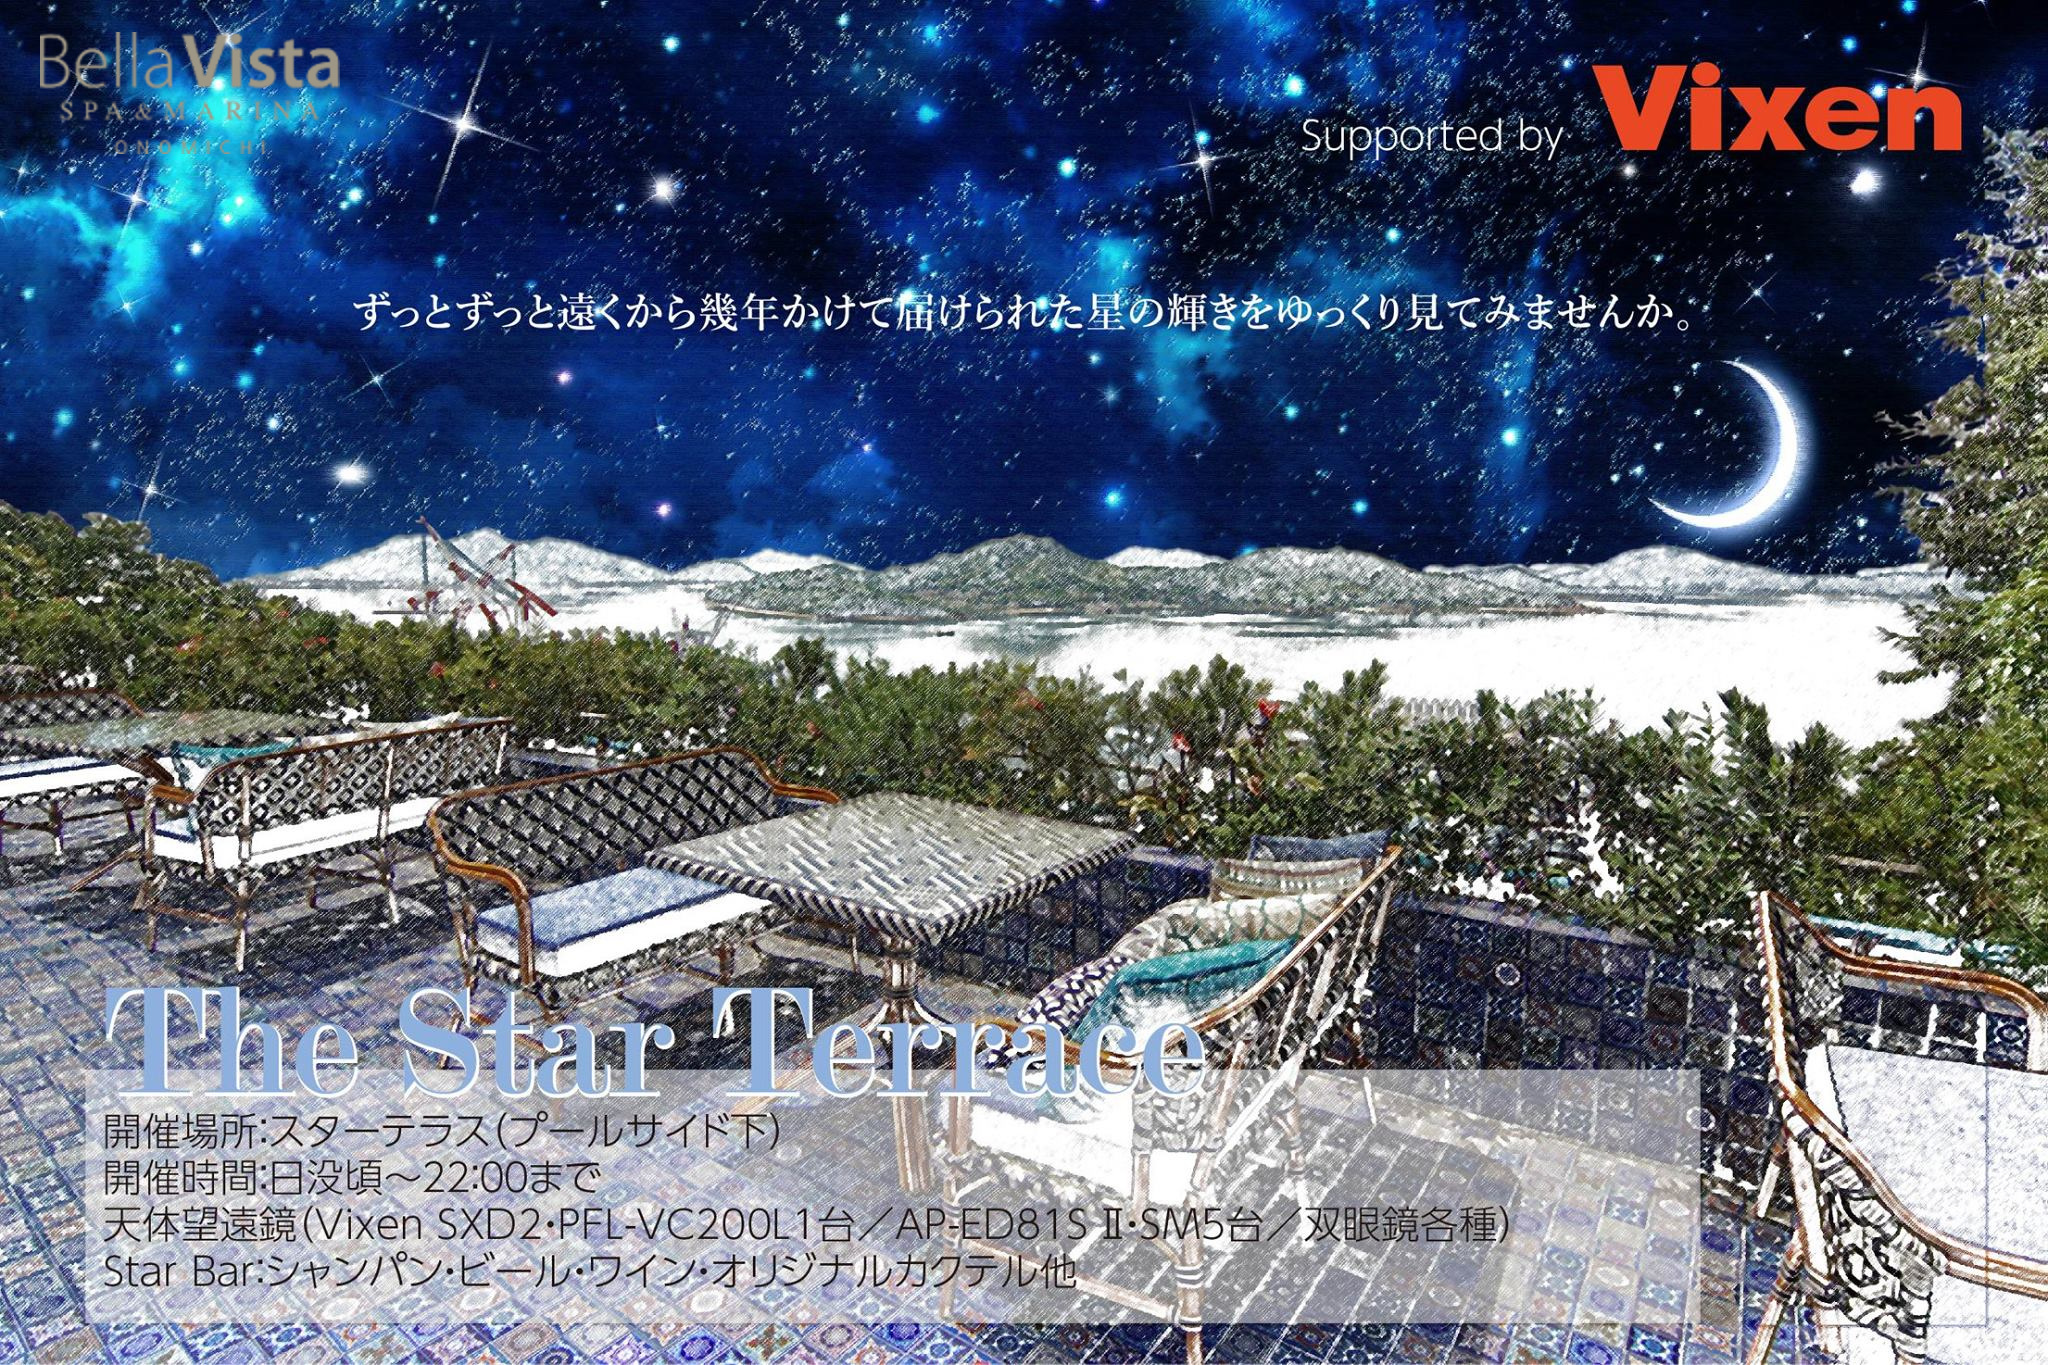 ベラビスタで瀬戸内の星空散歩が可能に!ビクセン社の全面サポートによる「ザ・スターテラス」をリニューアルオープン